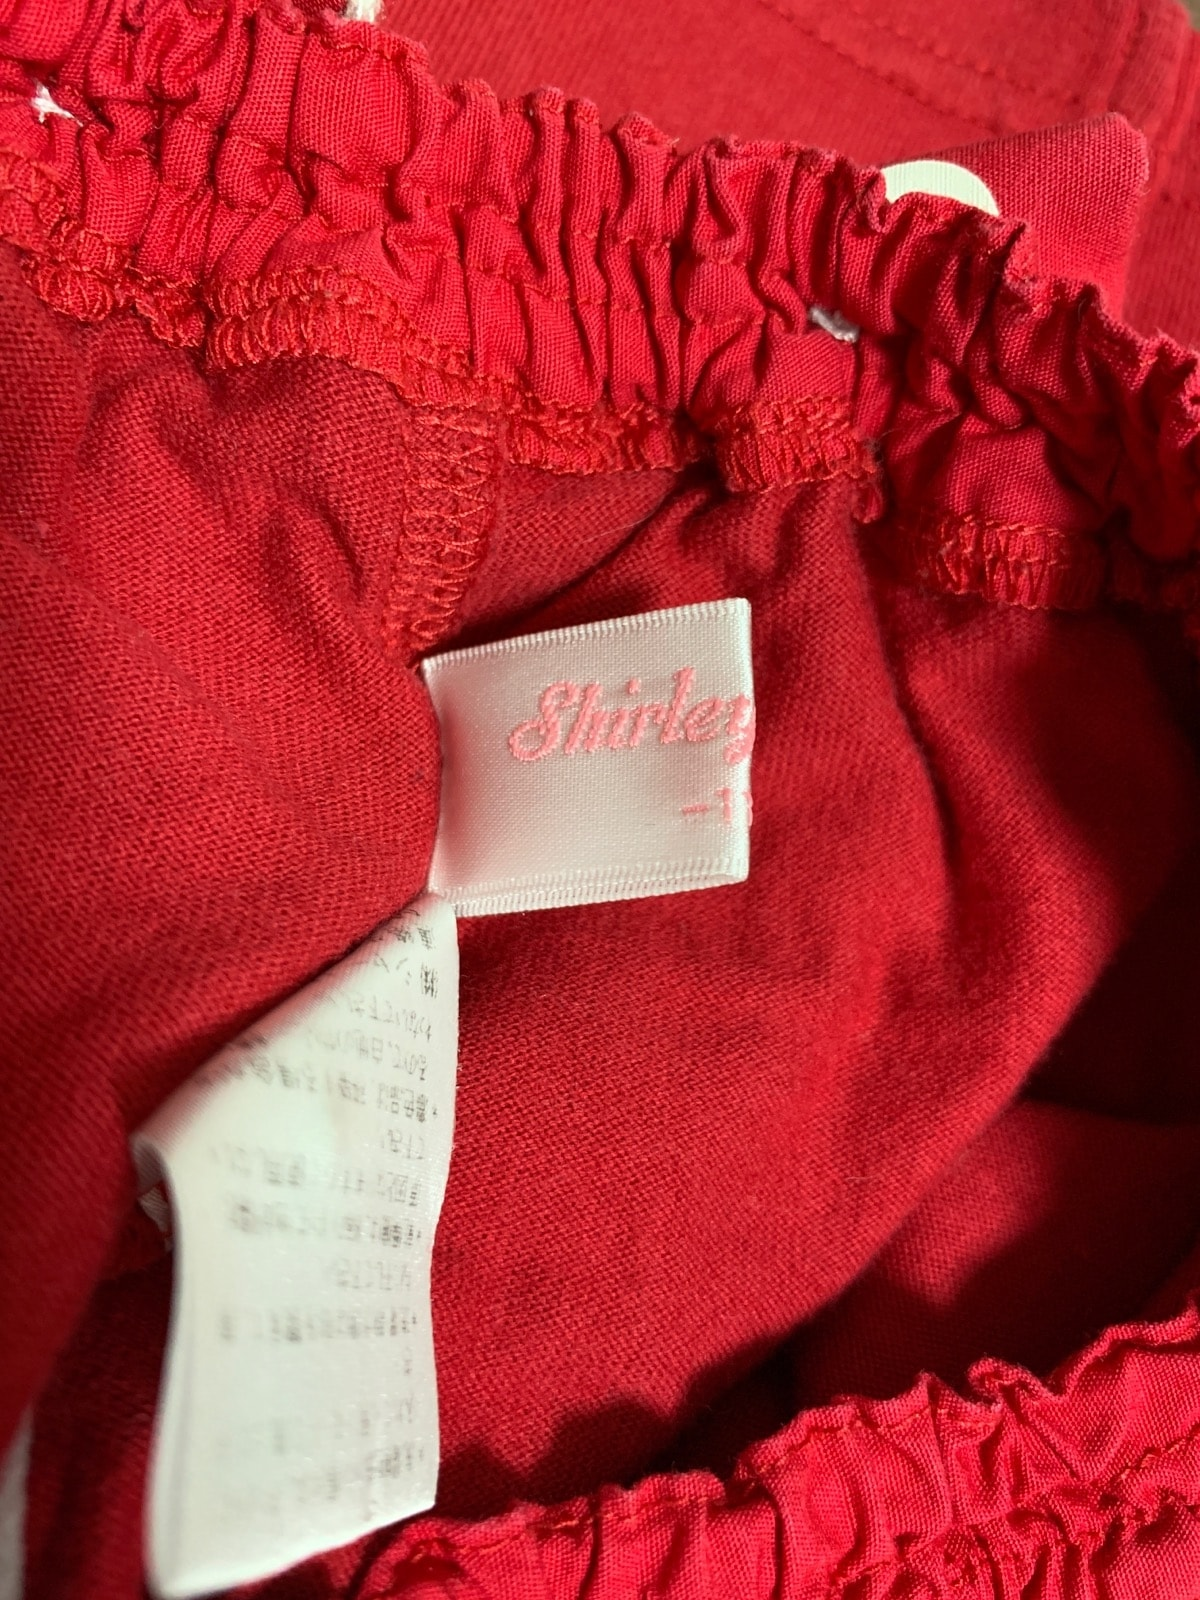 ShirleyTemple(シャーリーテンプル)のパンツ